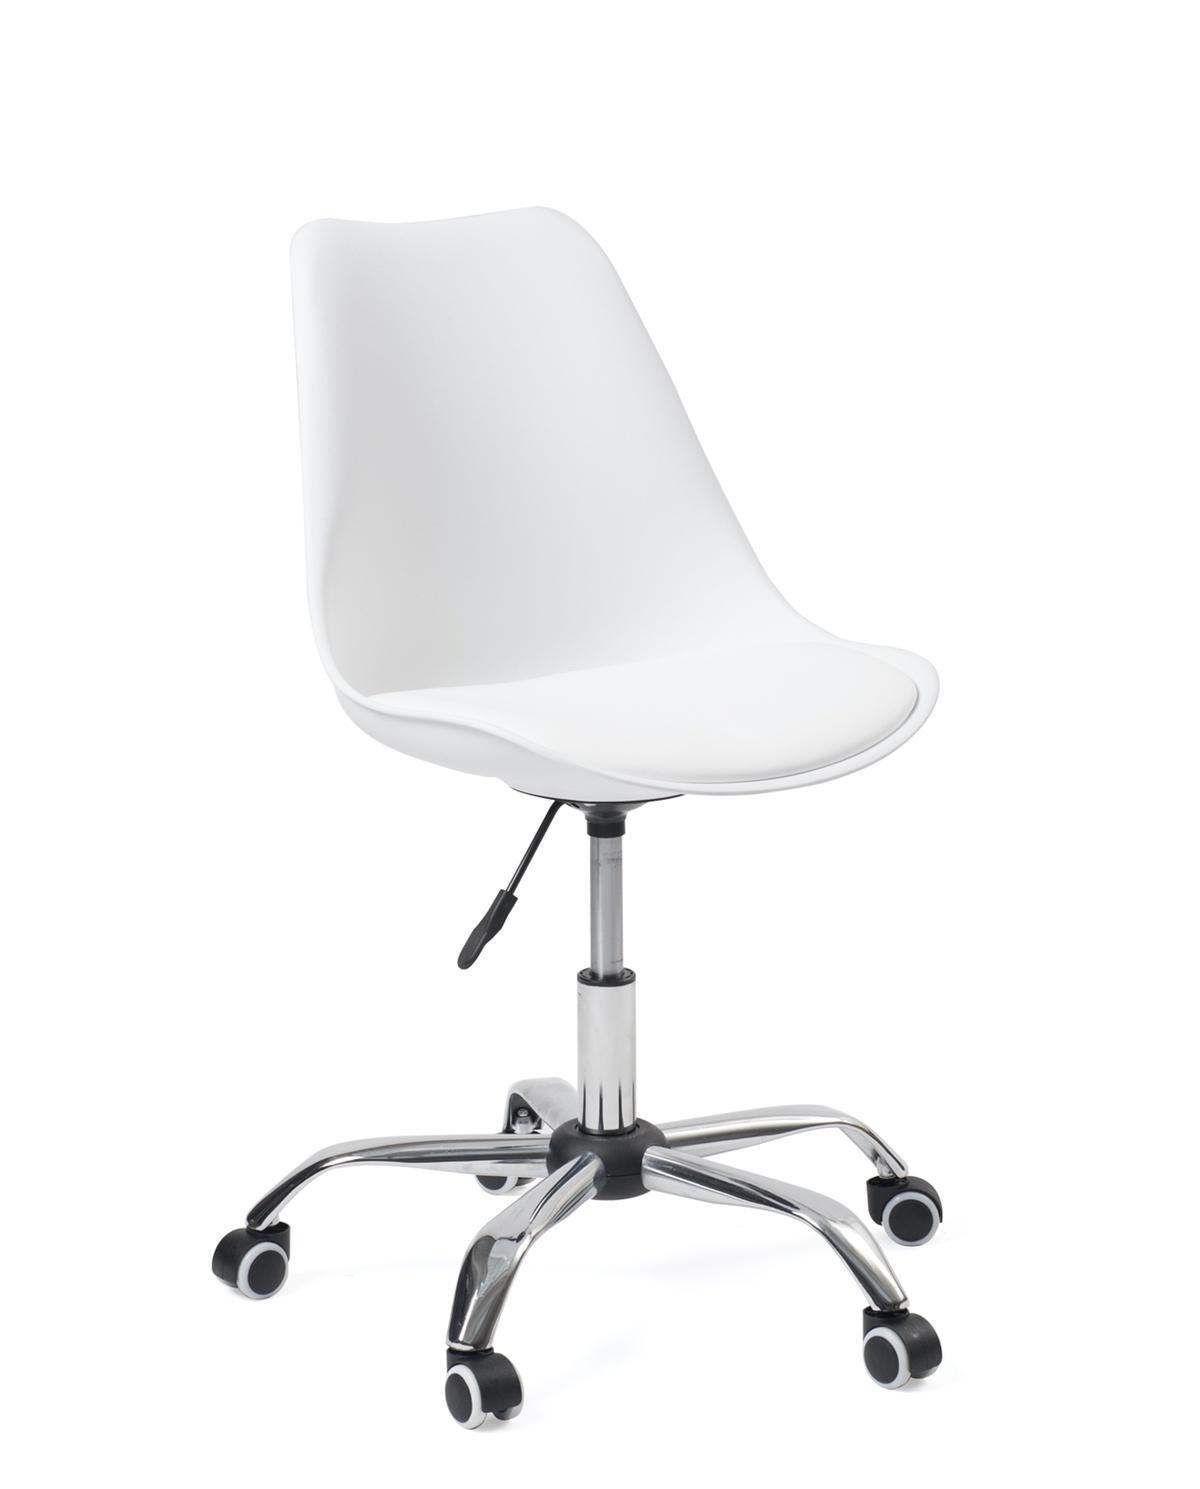 Chaise De Bureau A ROulettes